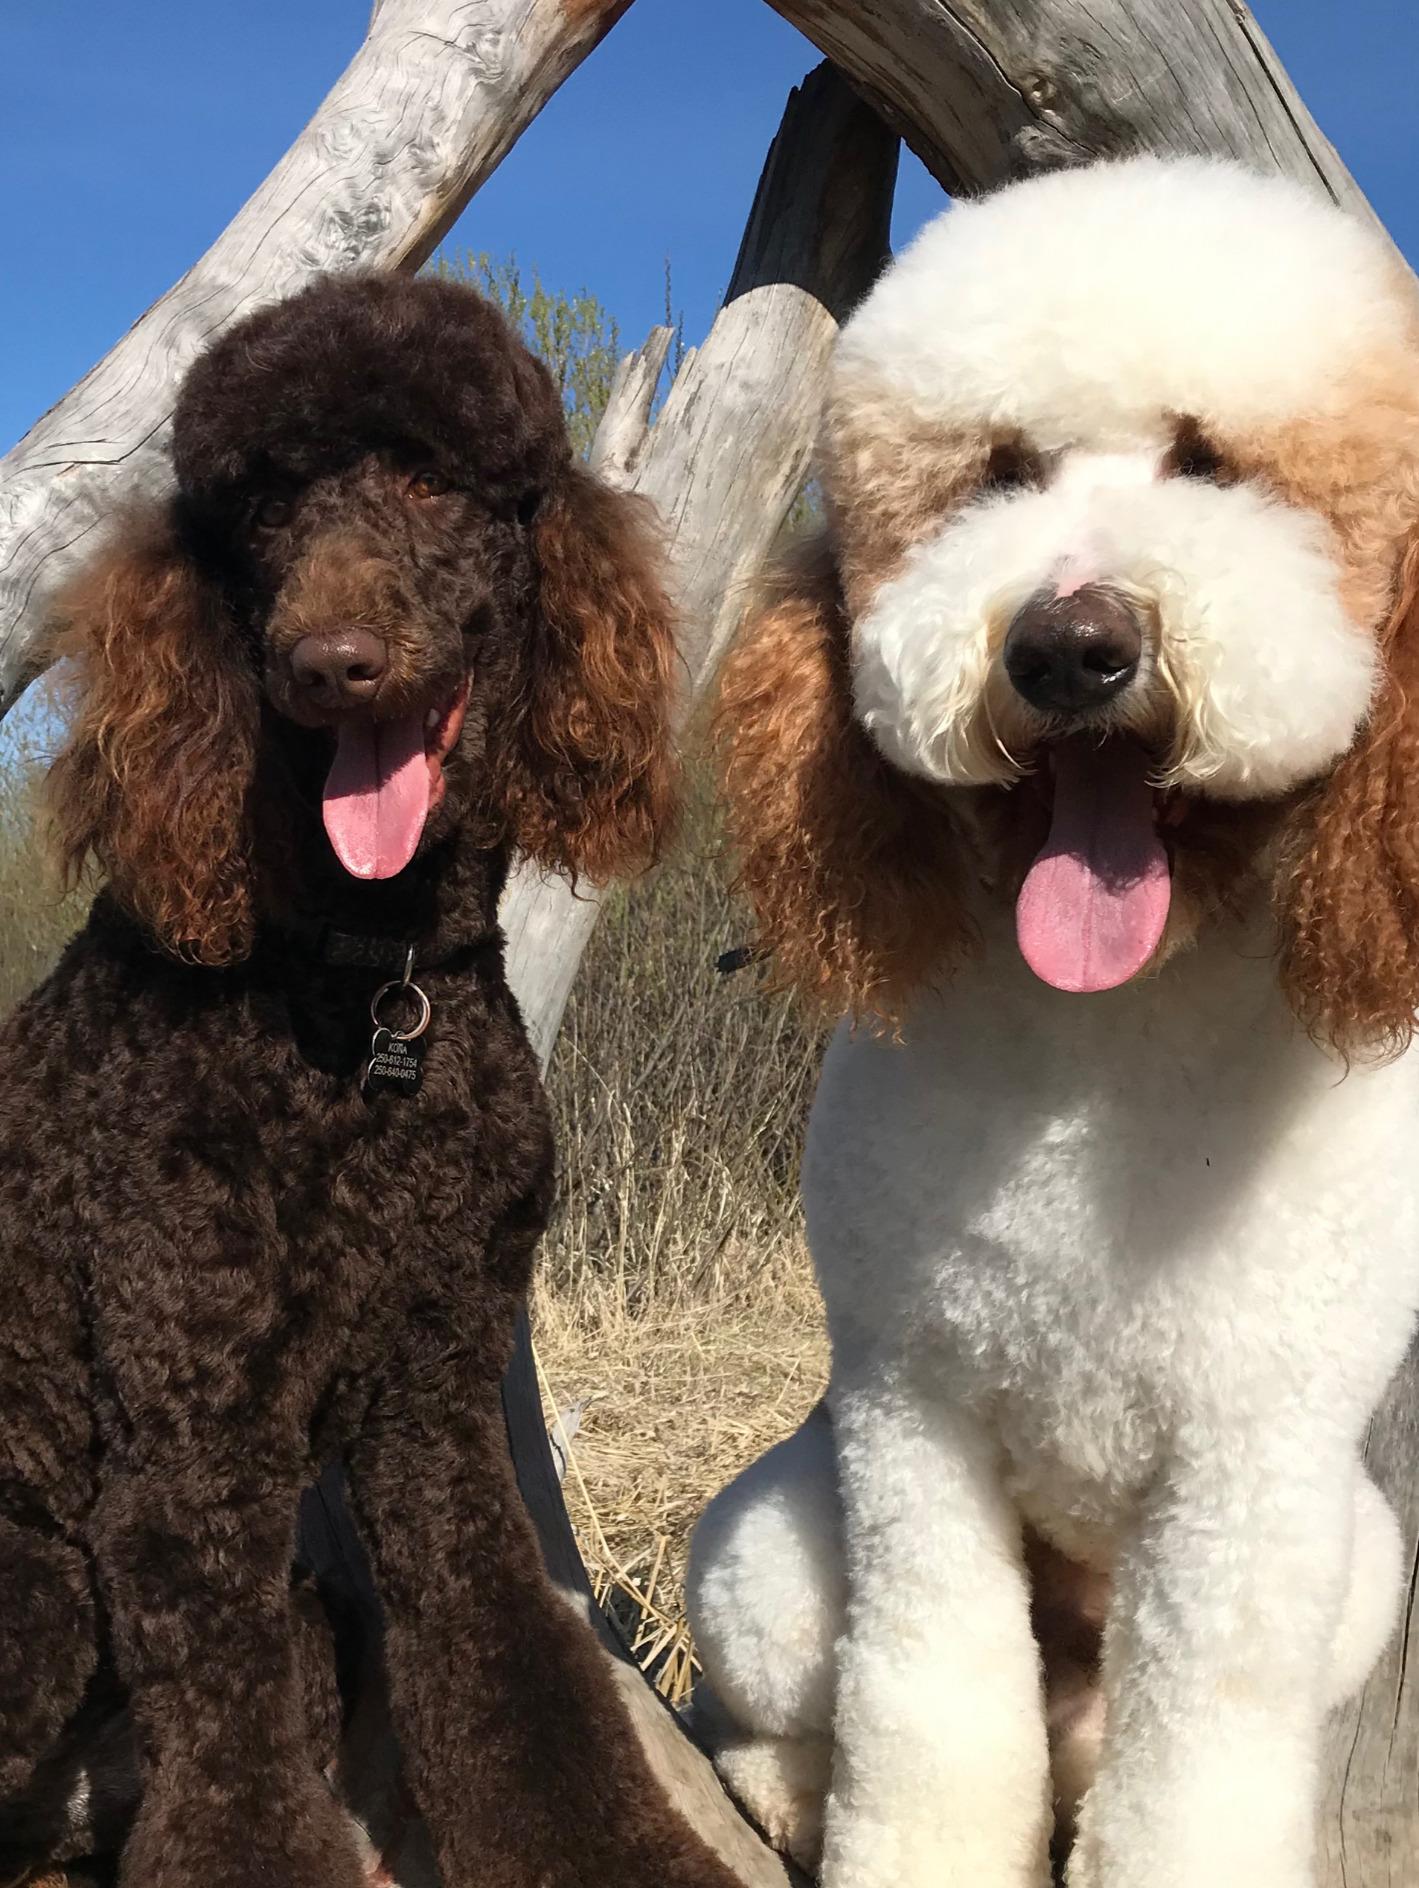 Kona & Archie